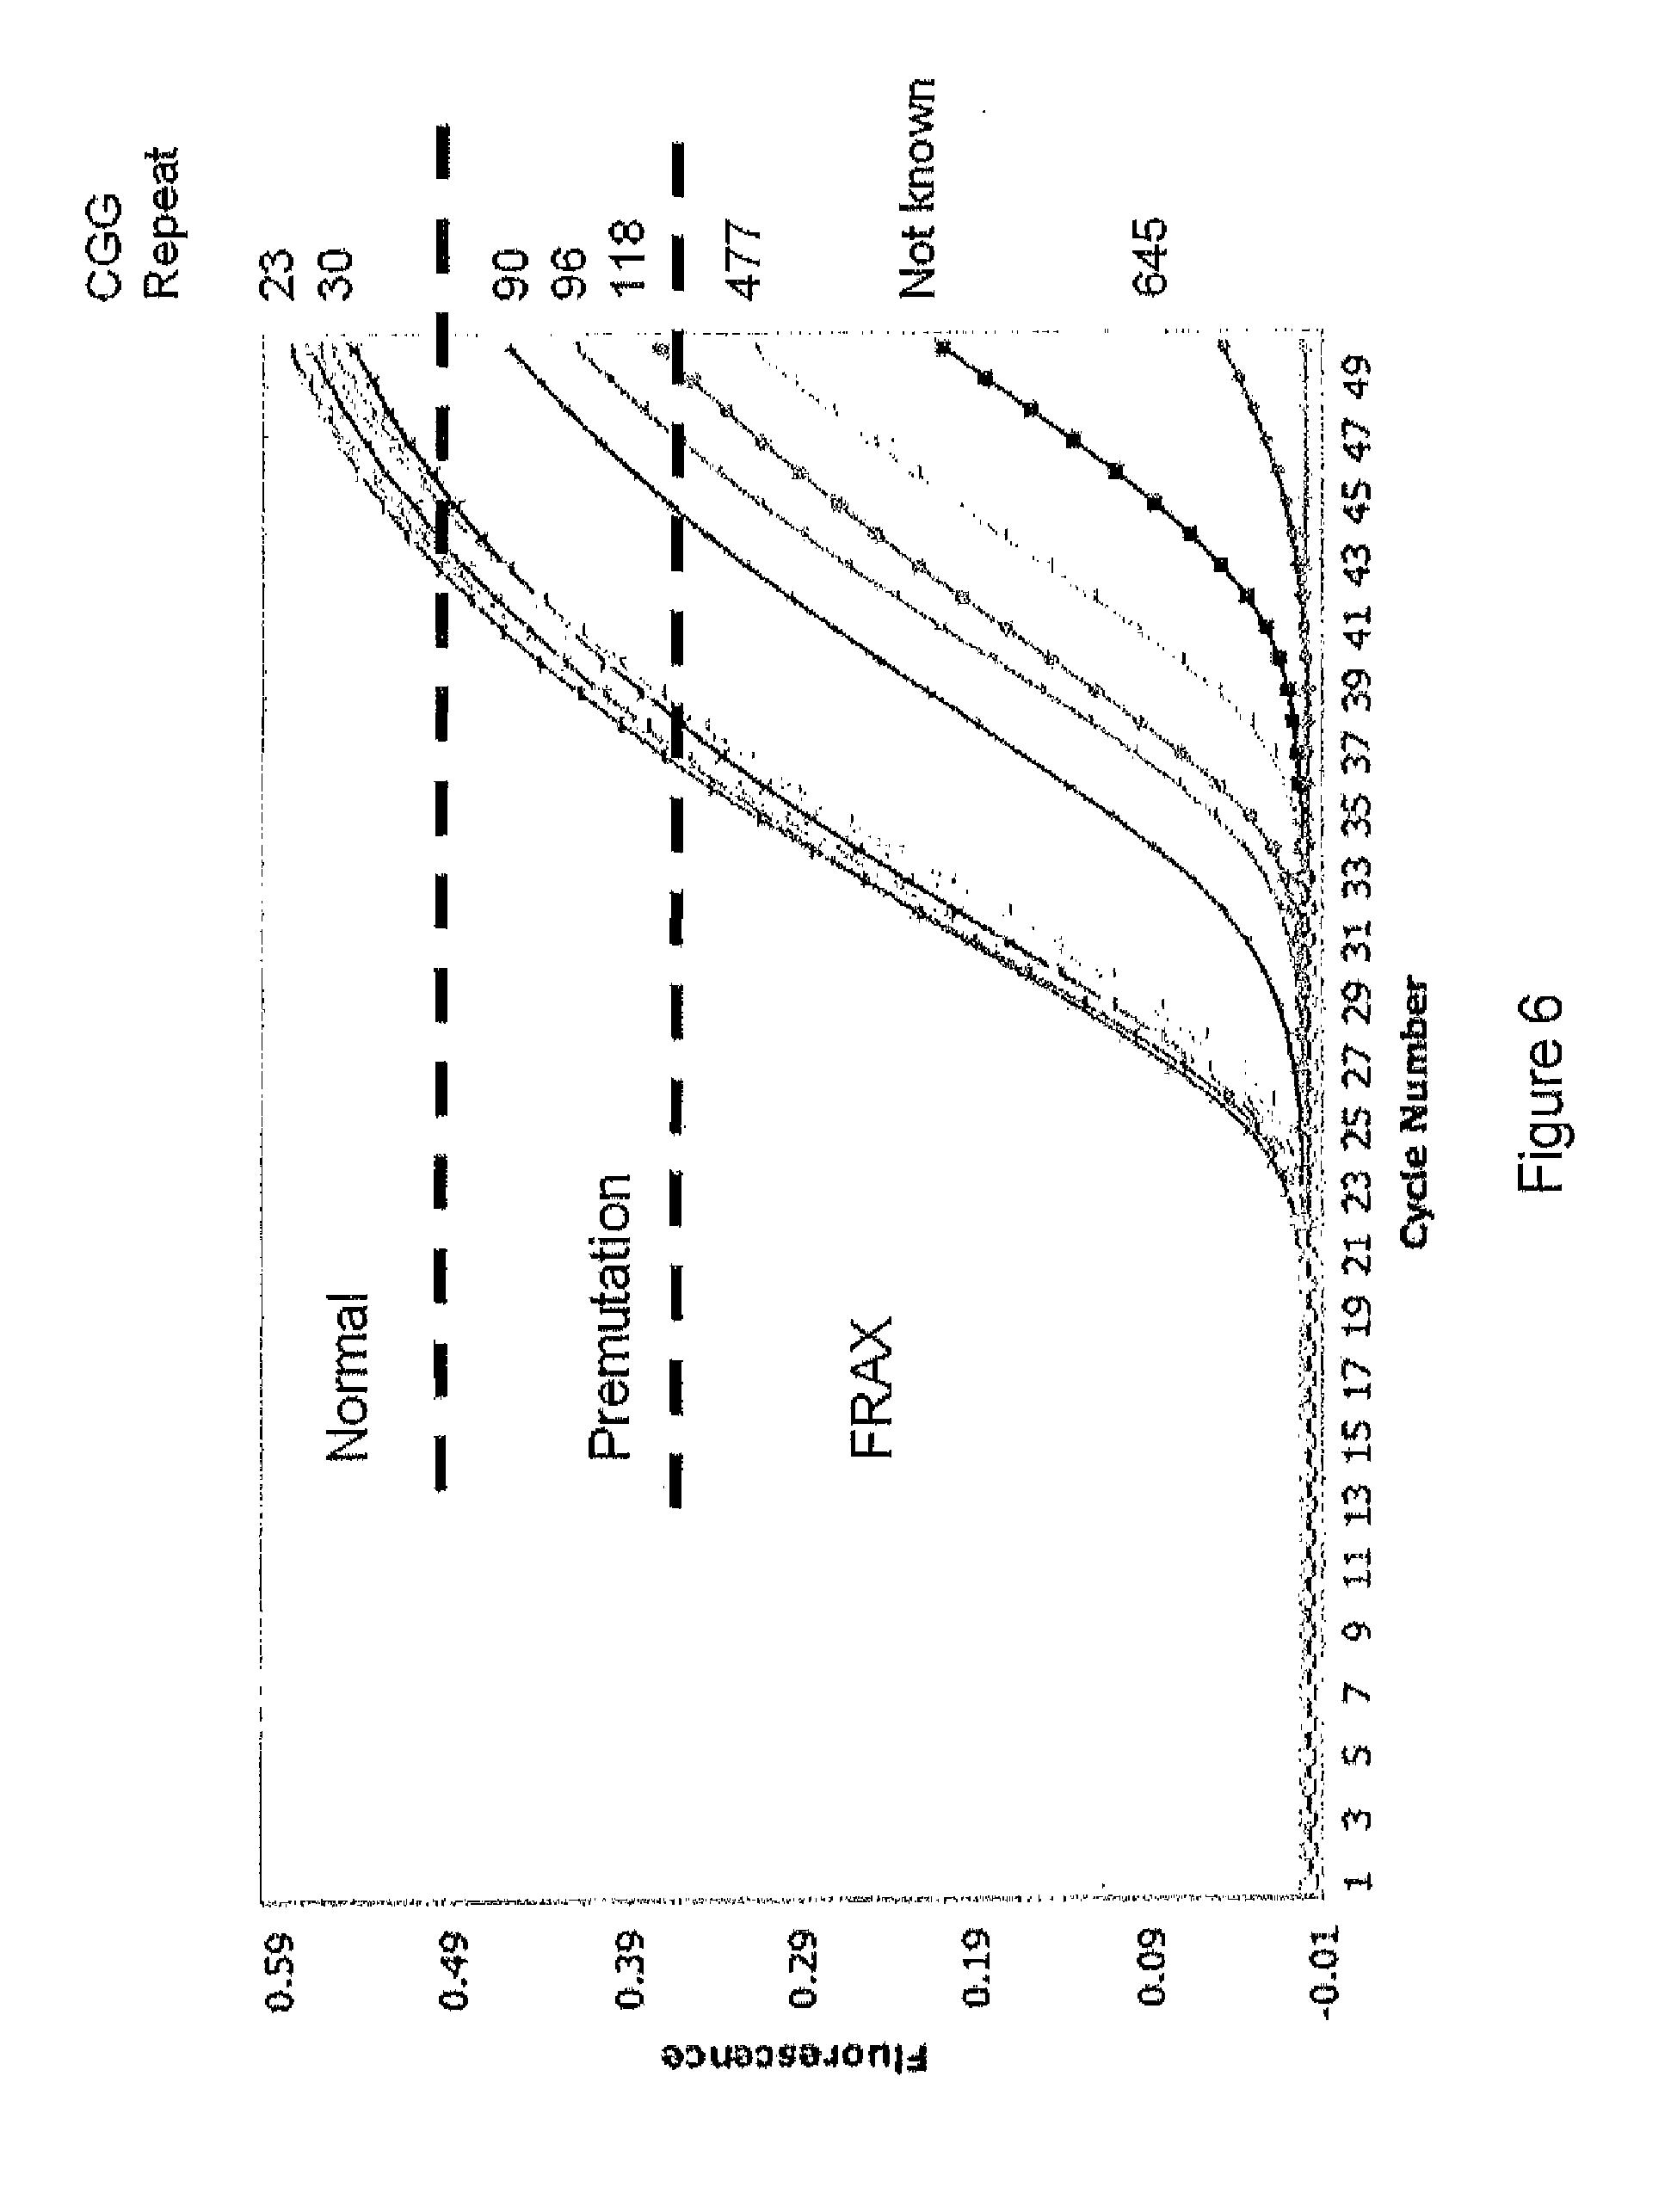 patent us20120115140